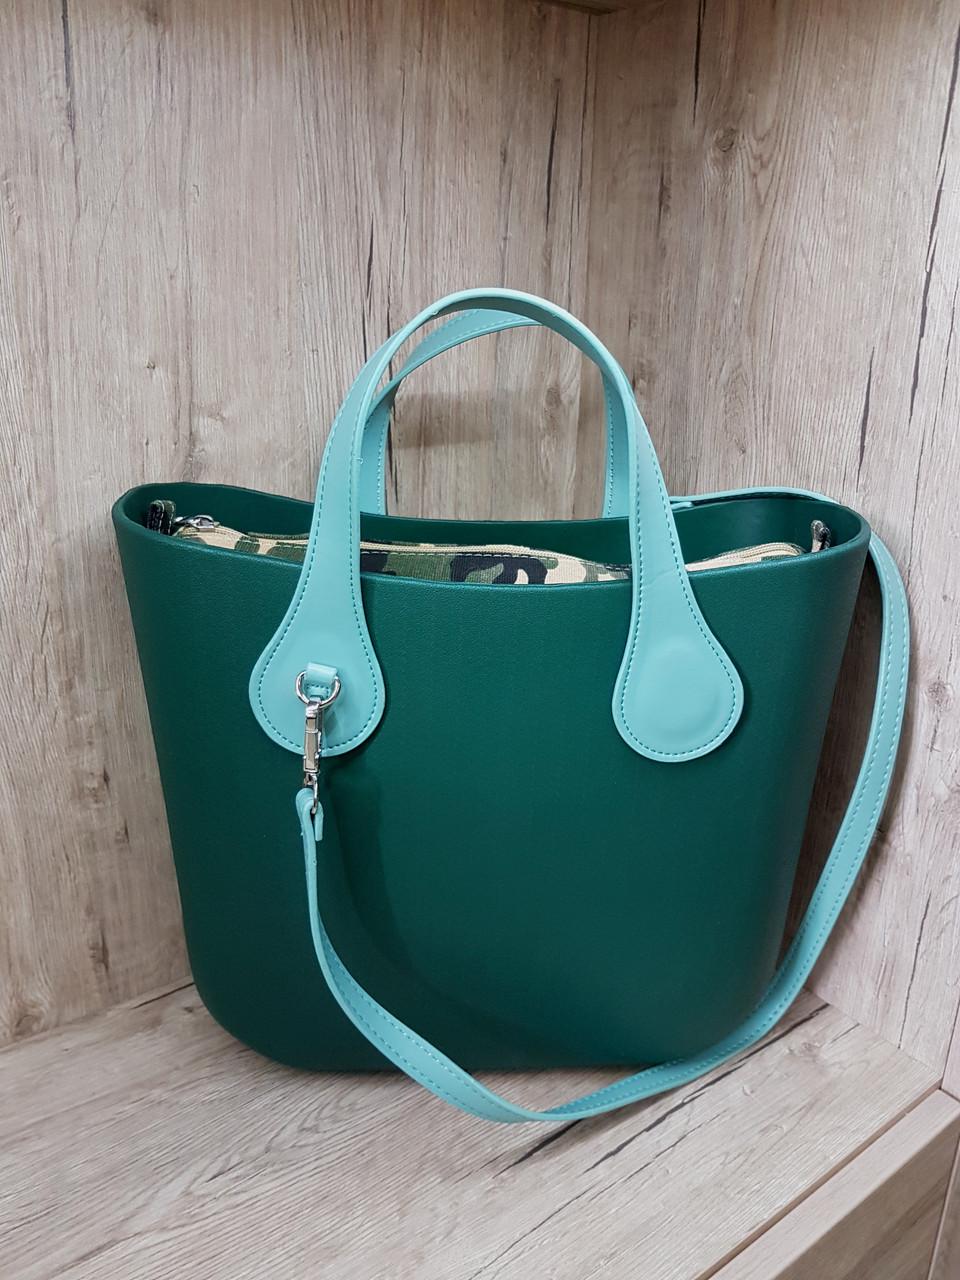 c0c71fde4d85 Сумка IQ bag Mini зеленый, цена 1 198 грн., купить в Днепре — Prom ...